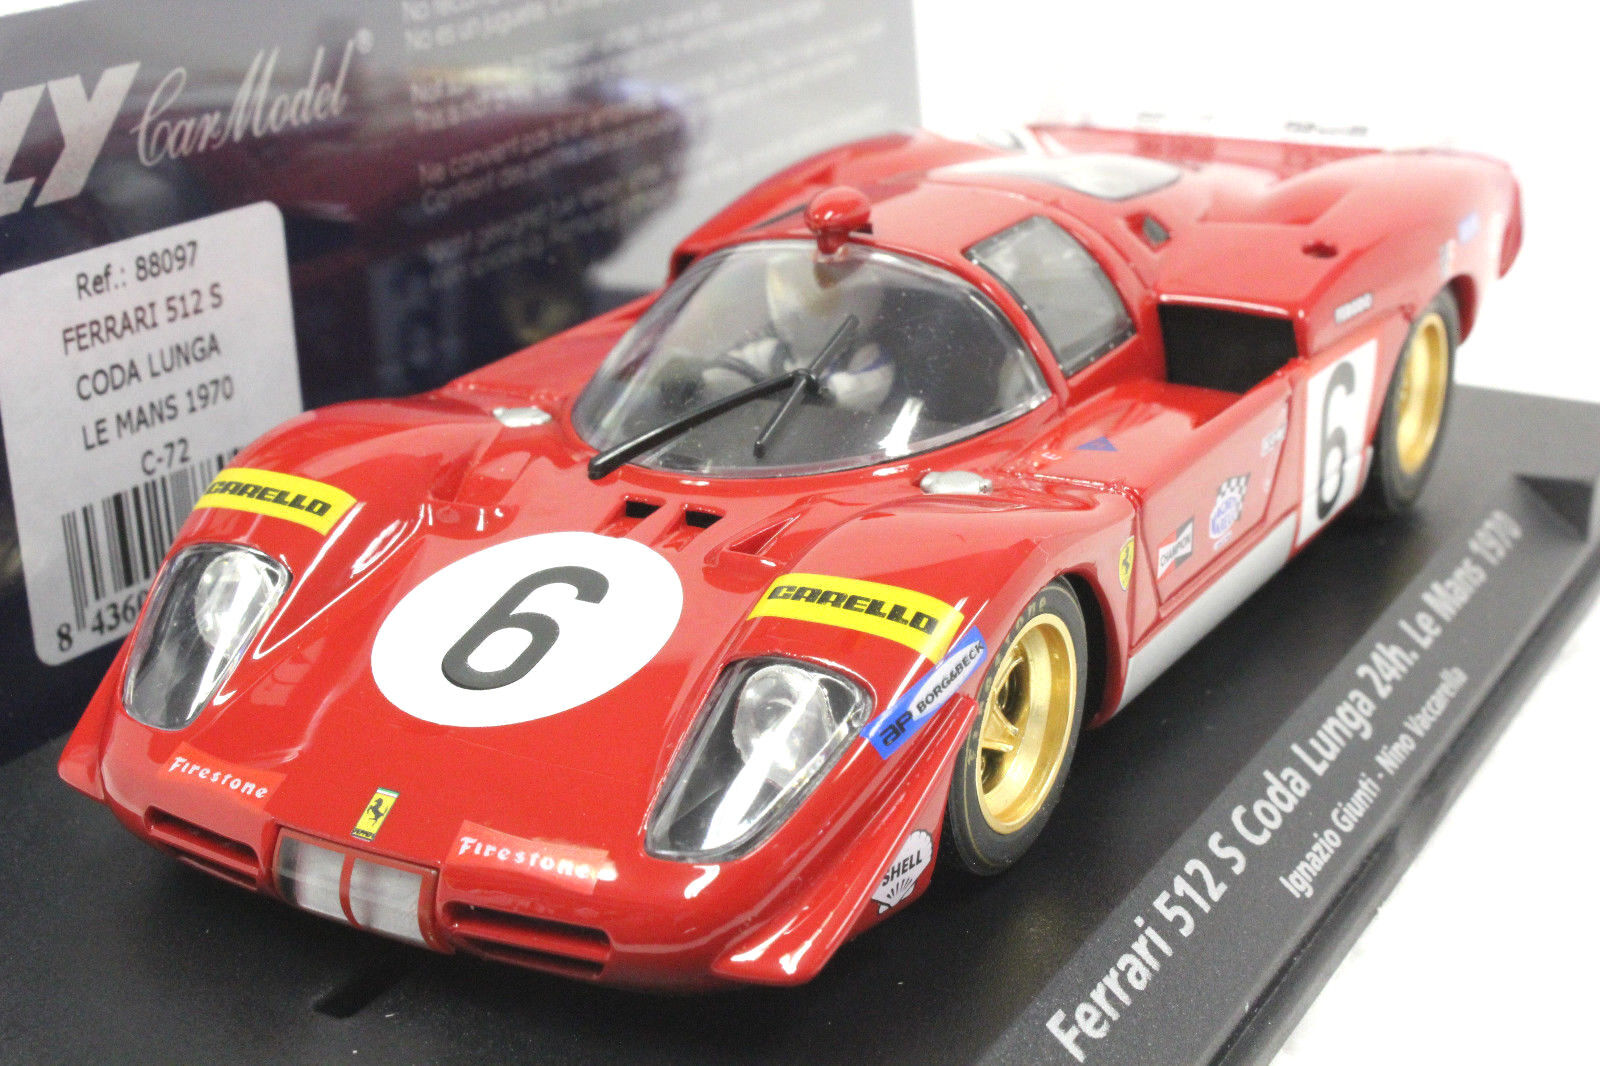 ahorrar en el despacho Fly ° C 72 72 72 Ferrari 512s Le Mans 2018 Nueva 1/32 Slot Car En Pantalla Funda  Más asequible